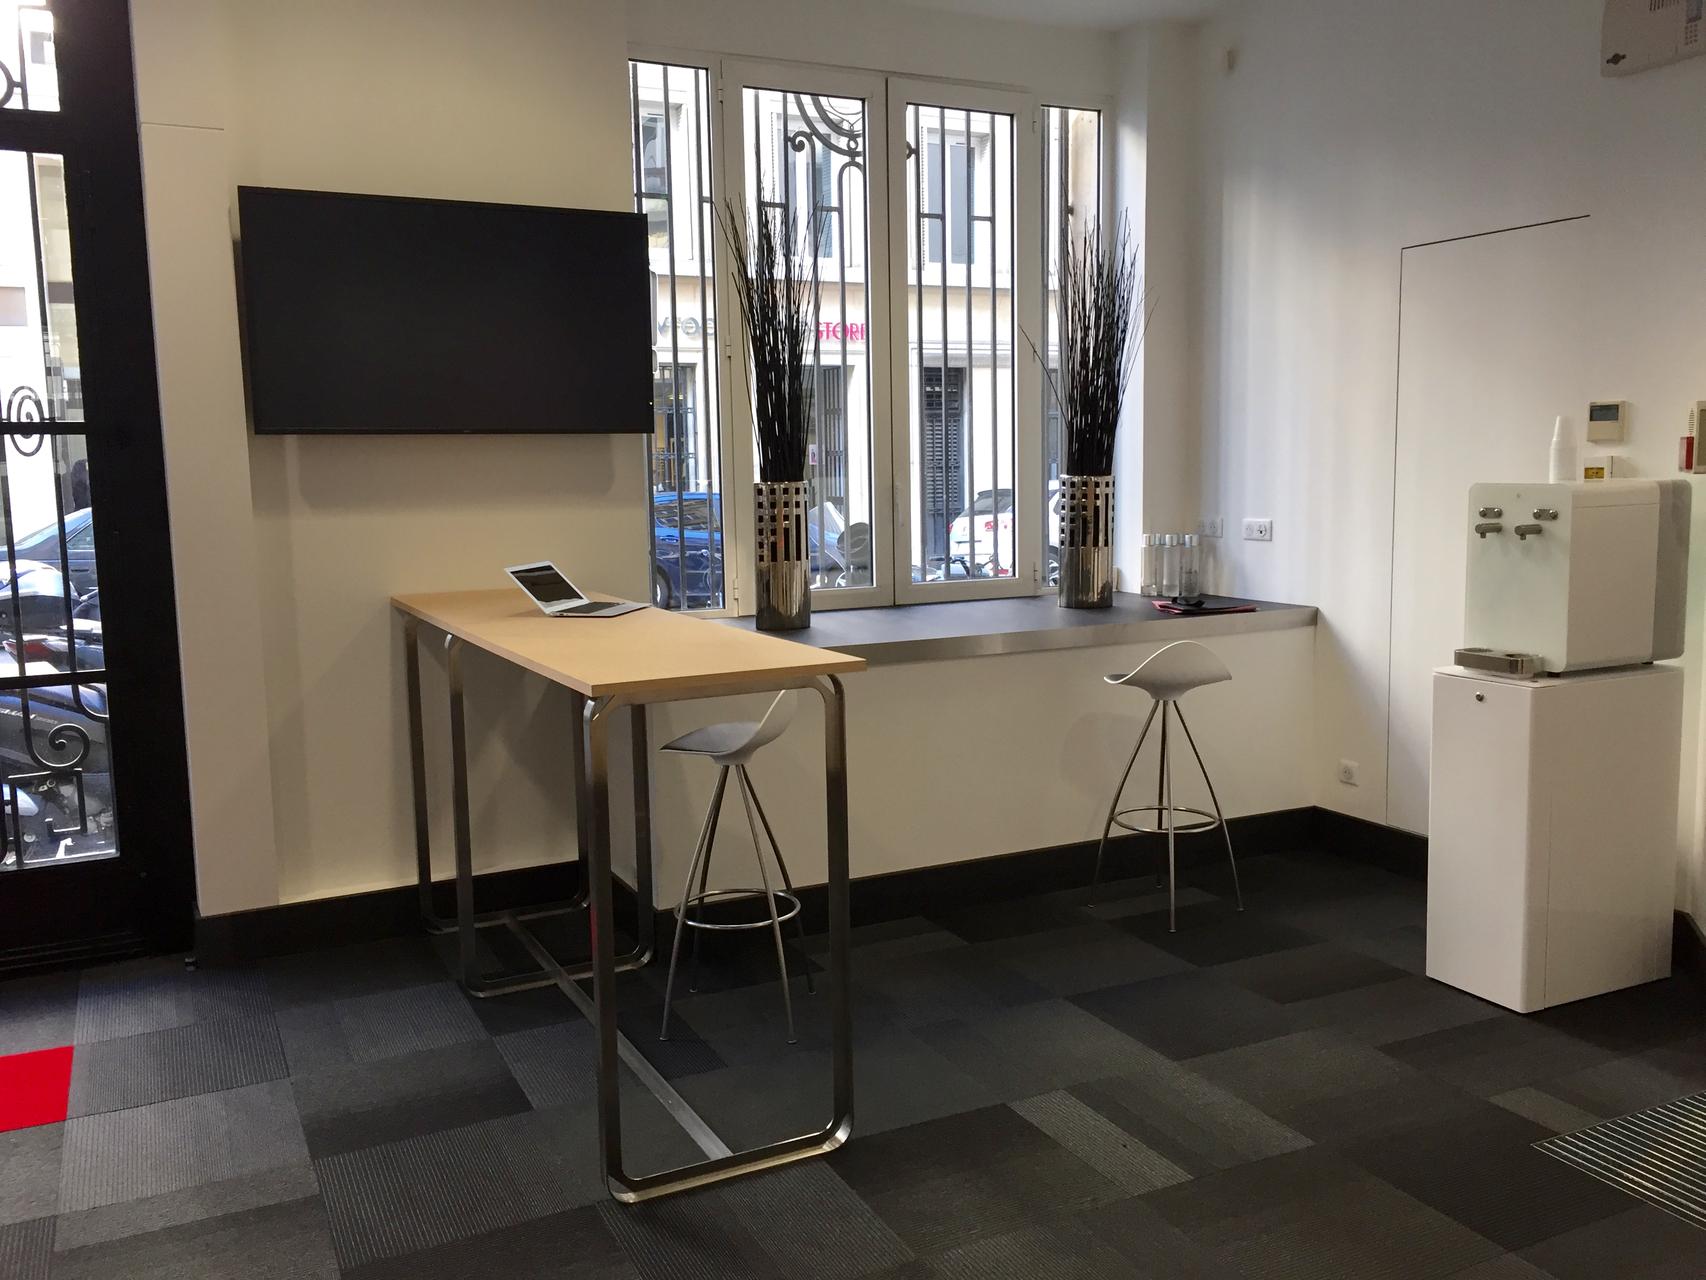 une harmonie metal et bois pour des meubles : espace de travail et un espace café dans l'entreprise